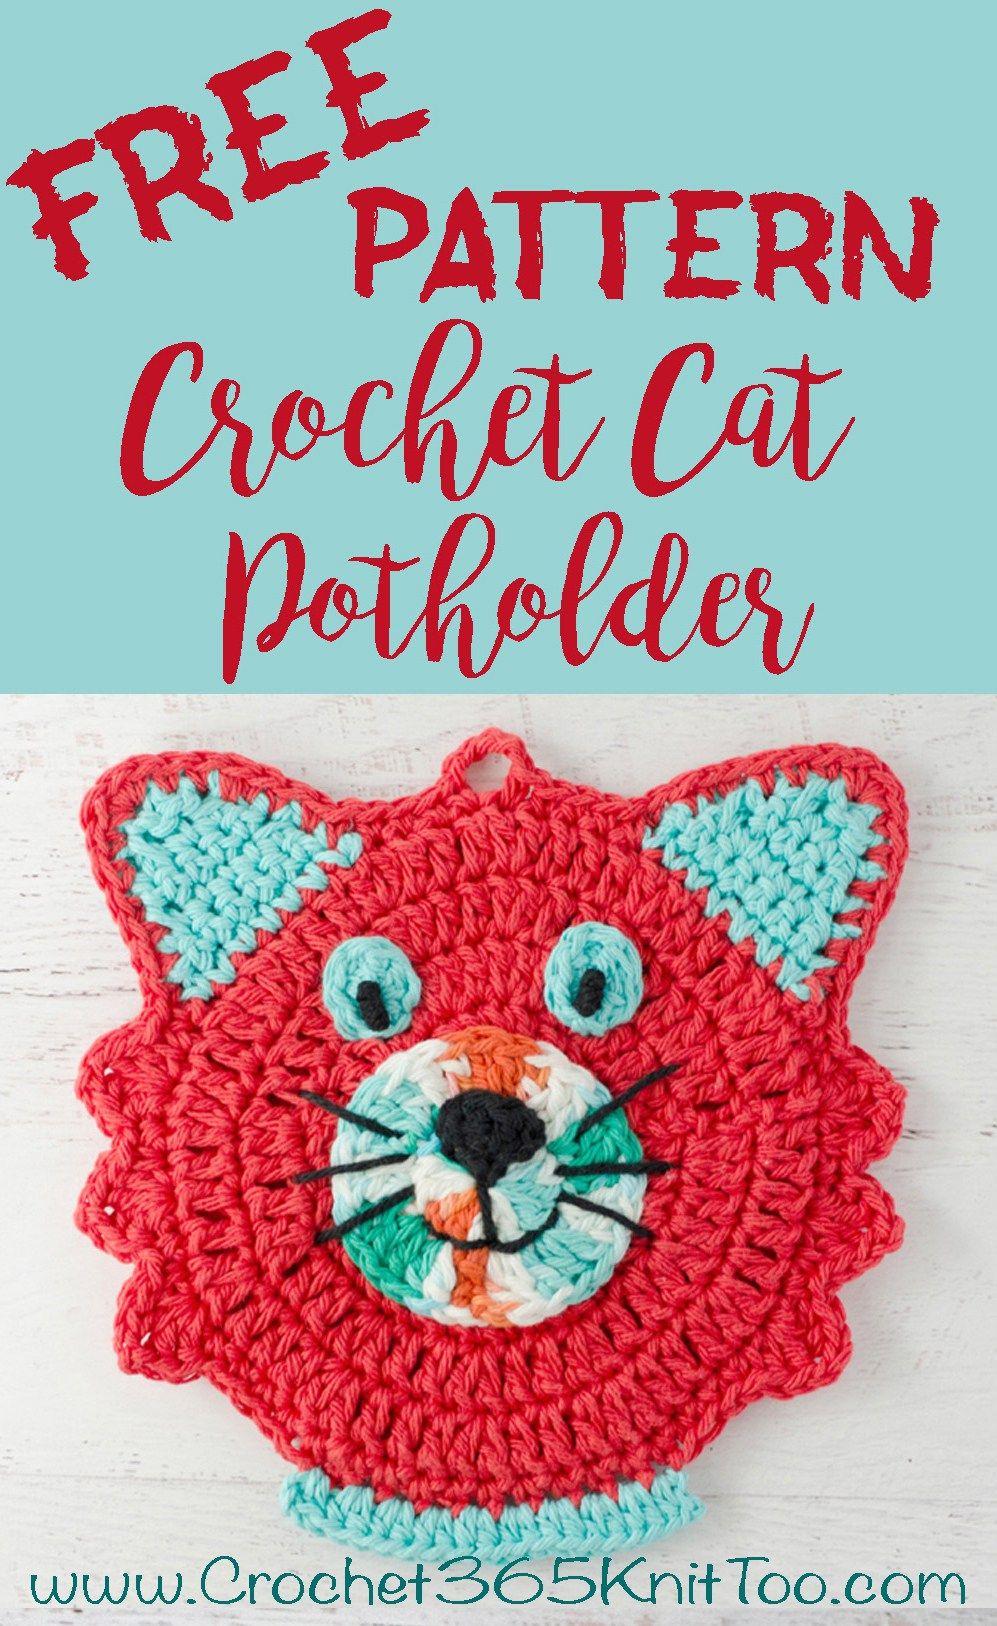 Atractivo Patrón De Crochet Grinch Imágenes - Manta de Tejer Patrón ...